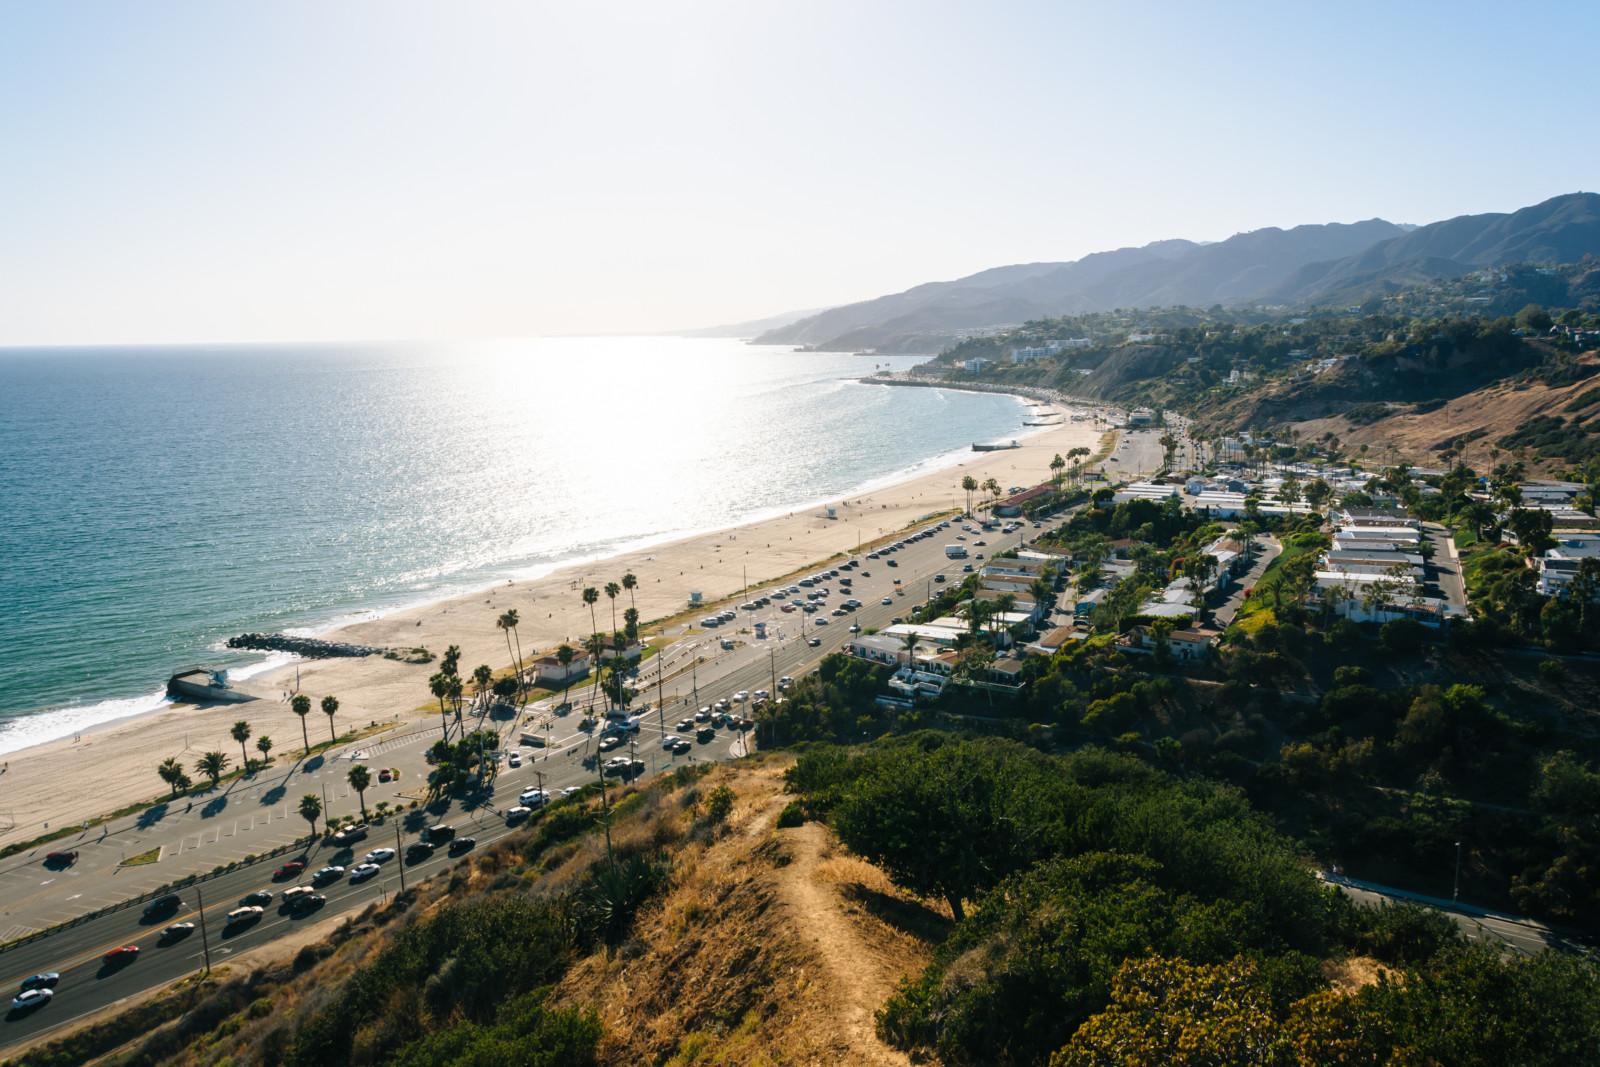 Pacific Palisades, California